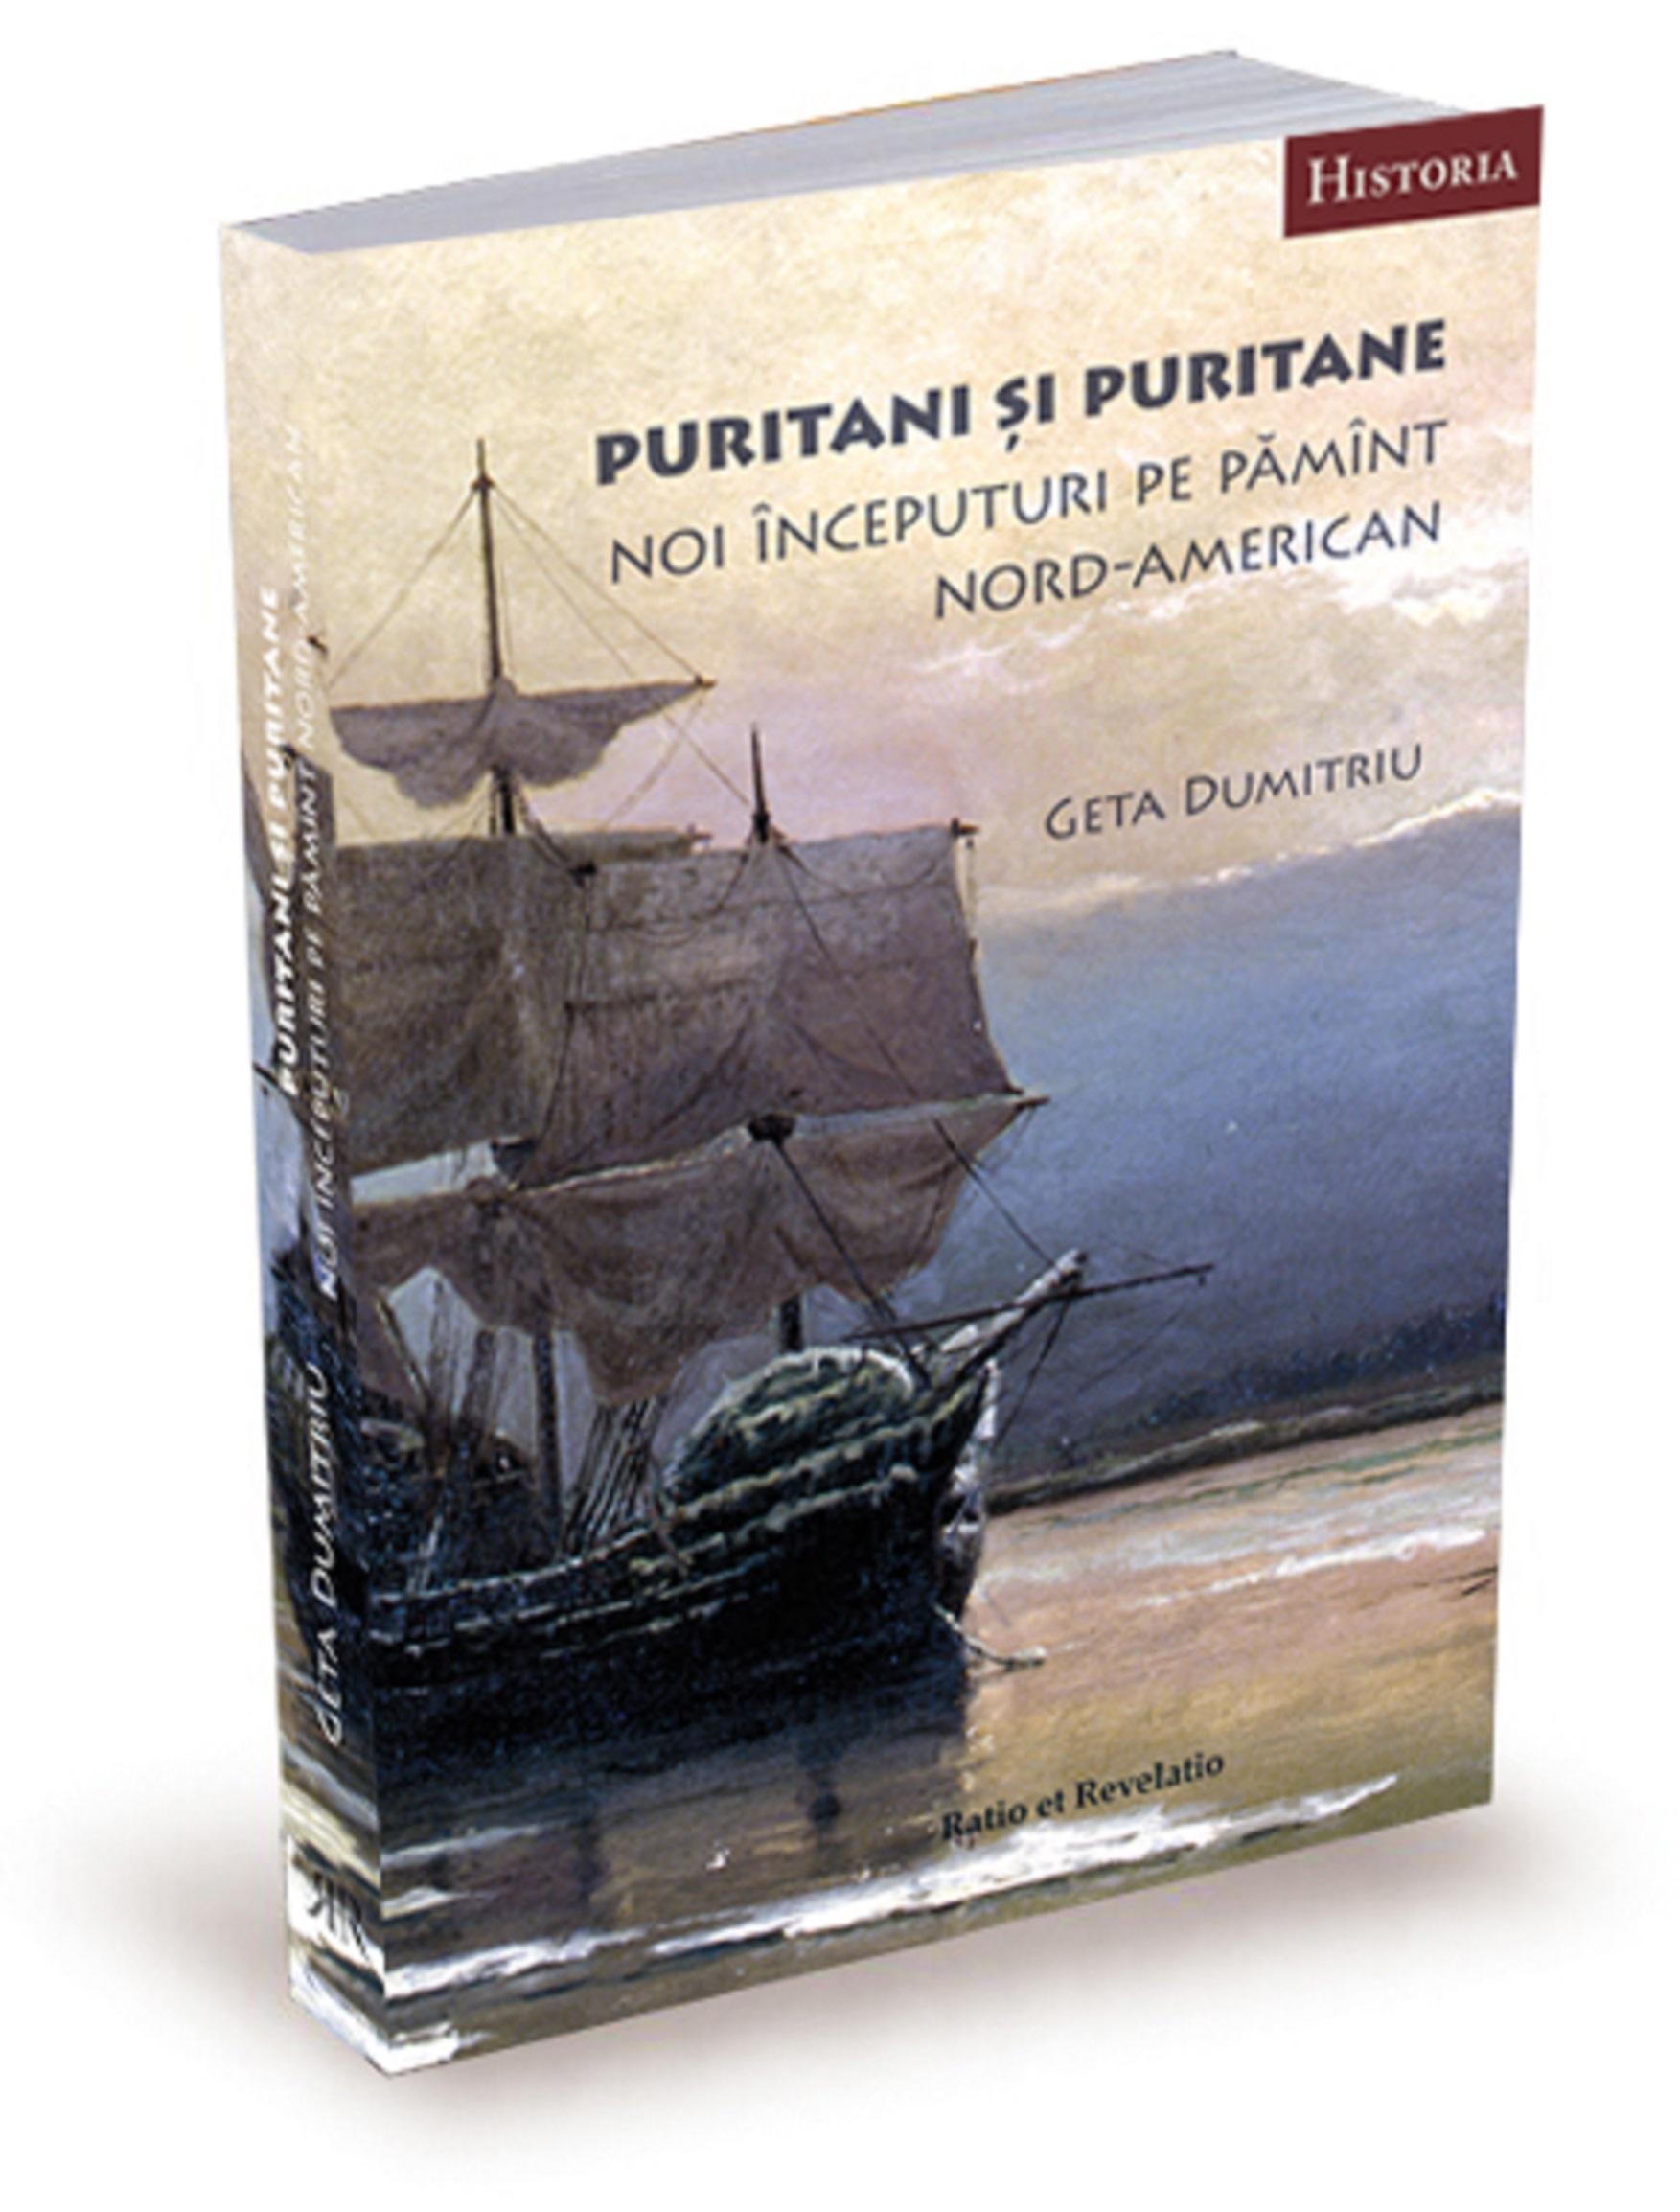 Puritani si puritane